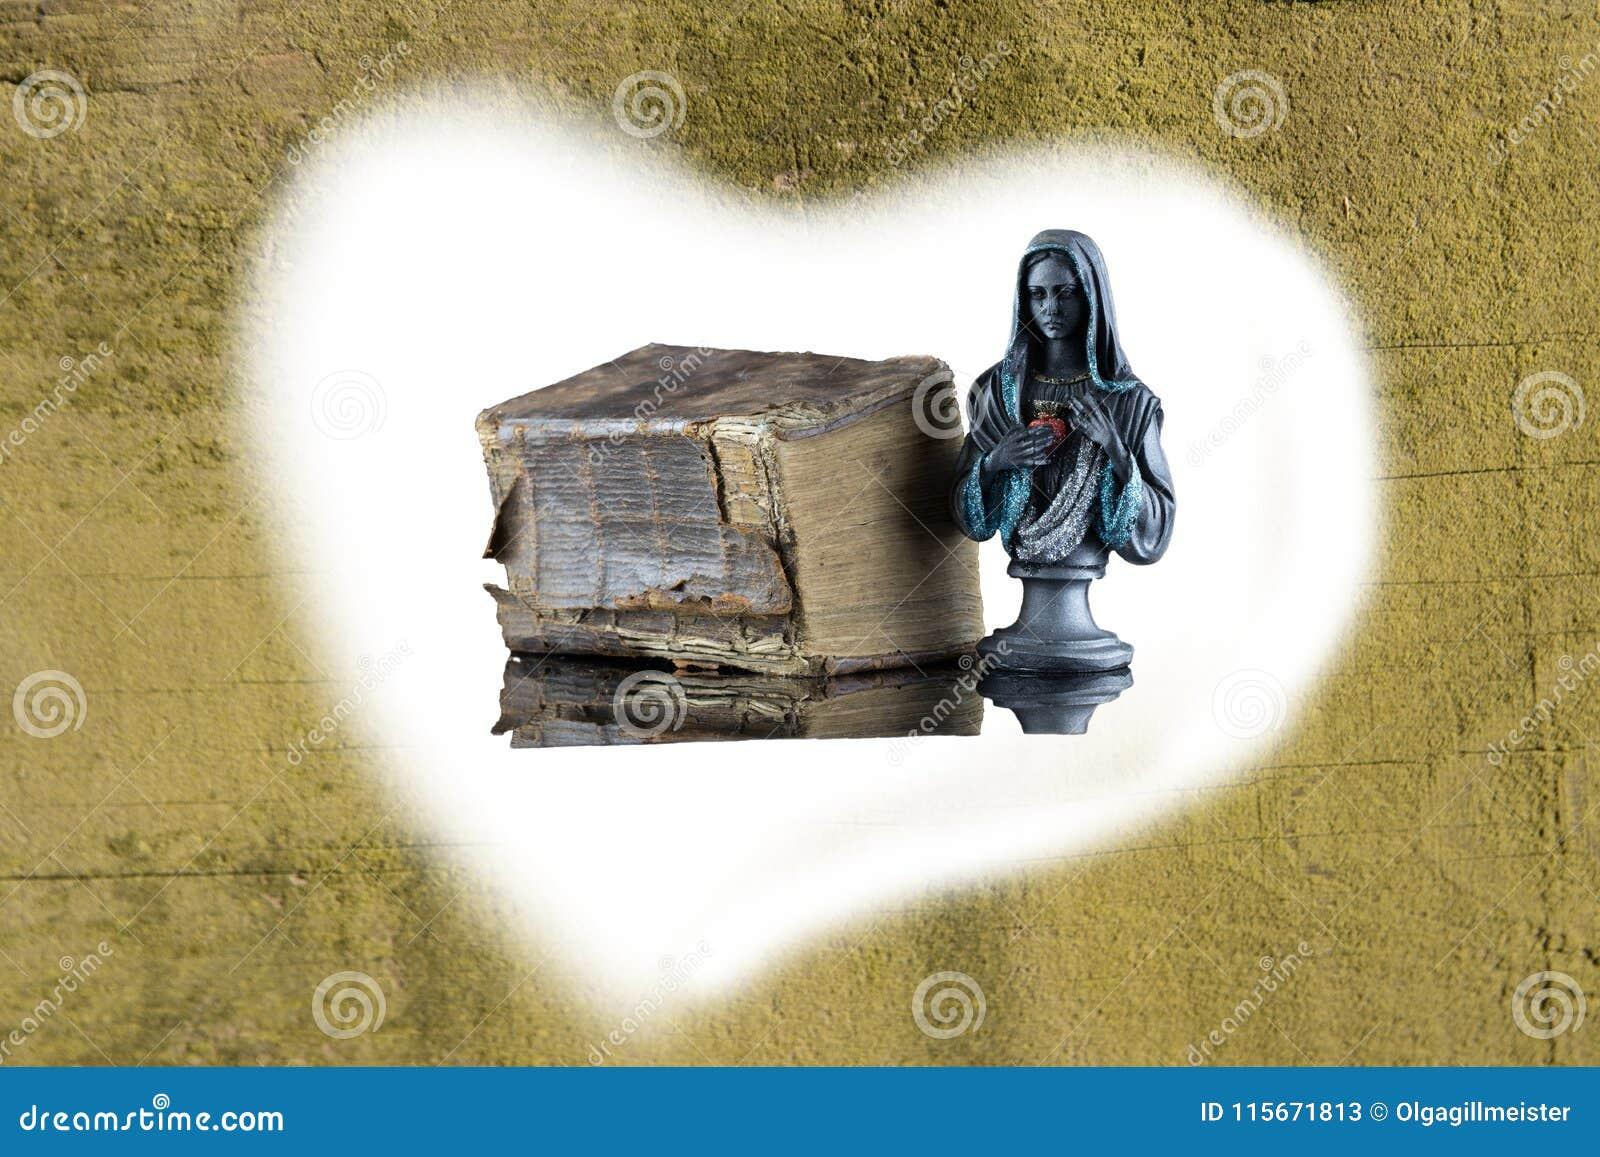 En historisk helig bibel och en Madonna skulptur är bifogade förbi